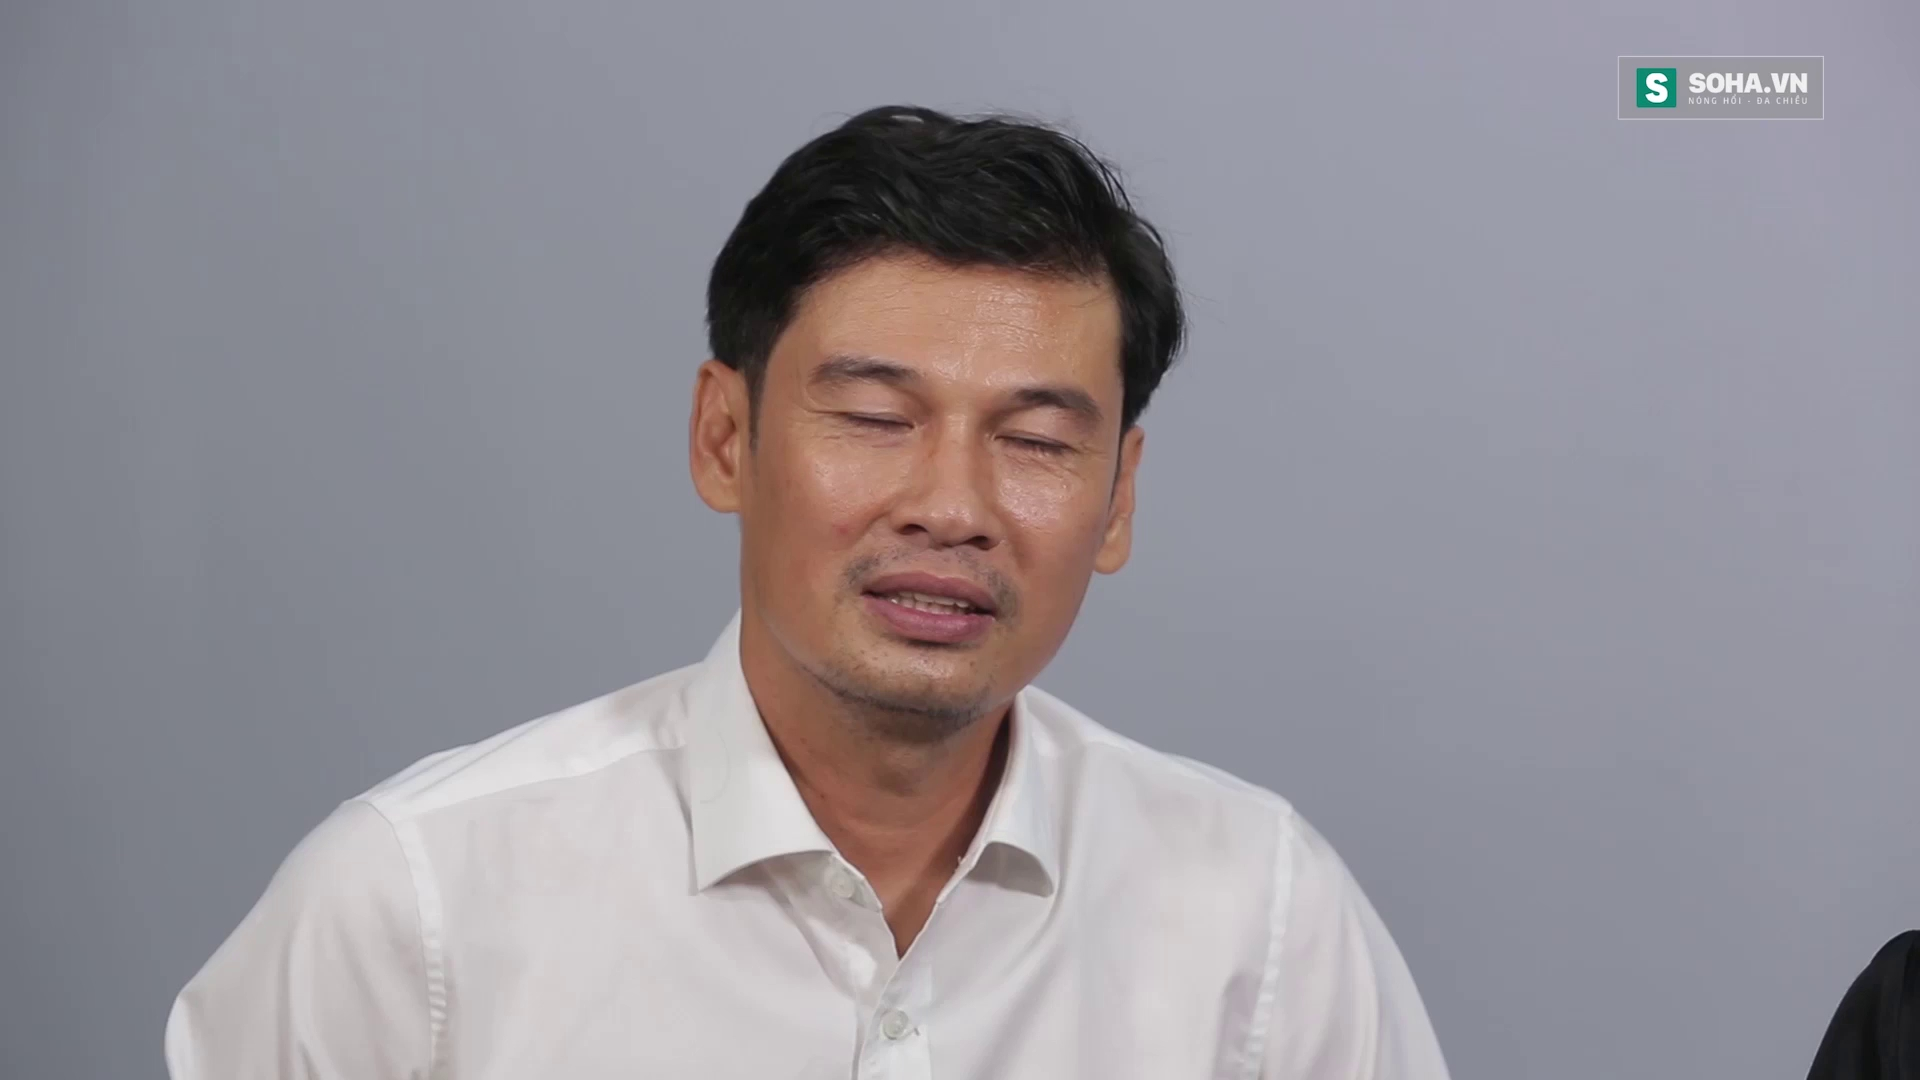 Nghệ sĩ đối thoại: Việt Hương - Tiết Cương nhớ lại kỷ niệm khủng khiếp về nghệ sĩ Minh Nhí